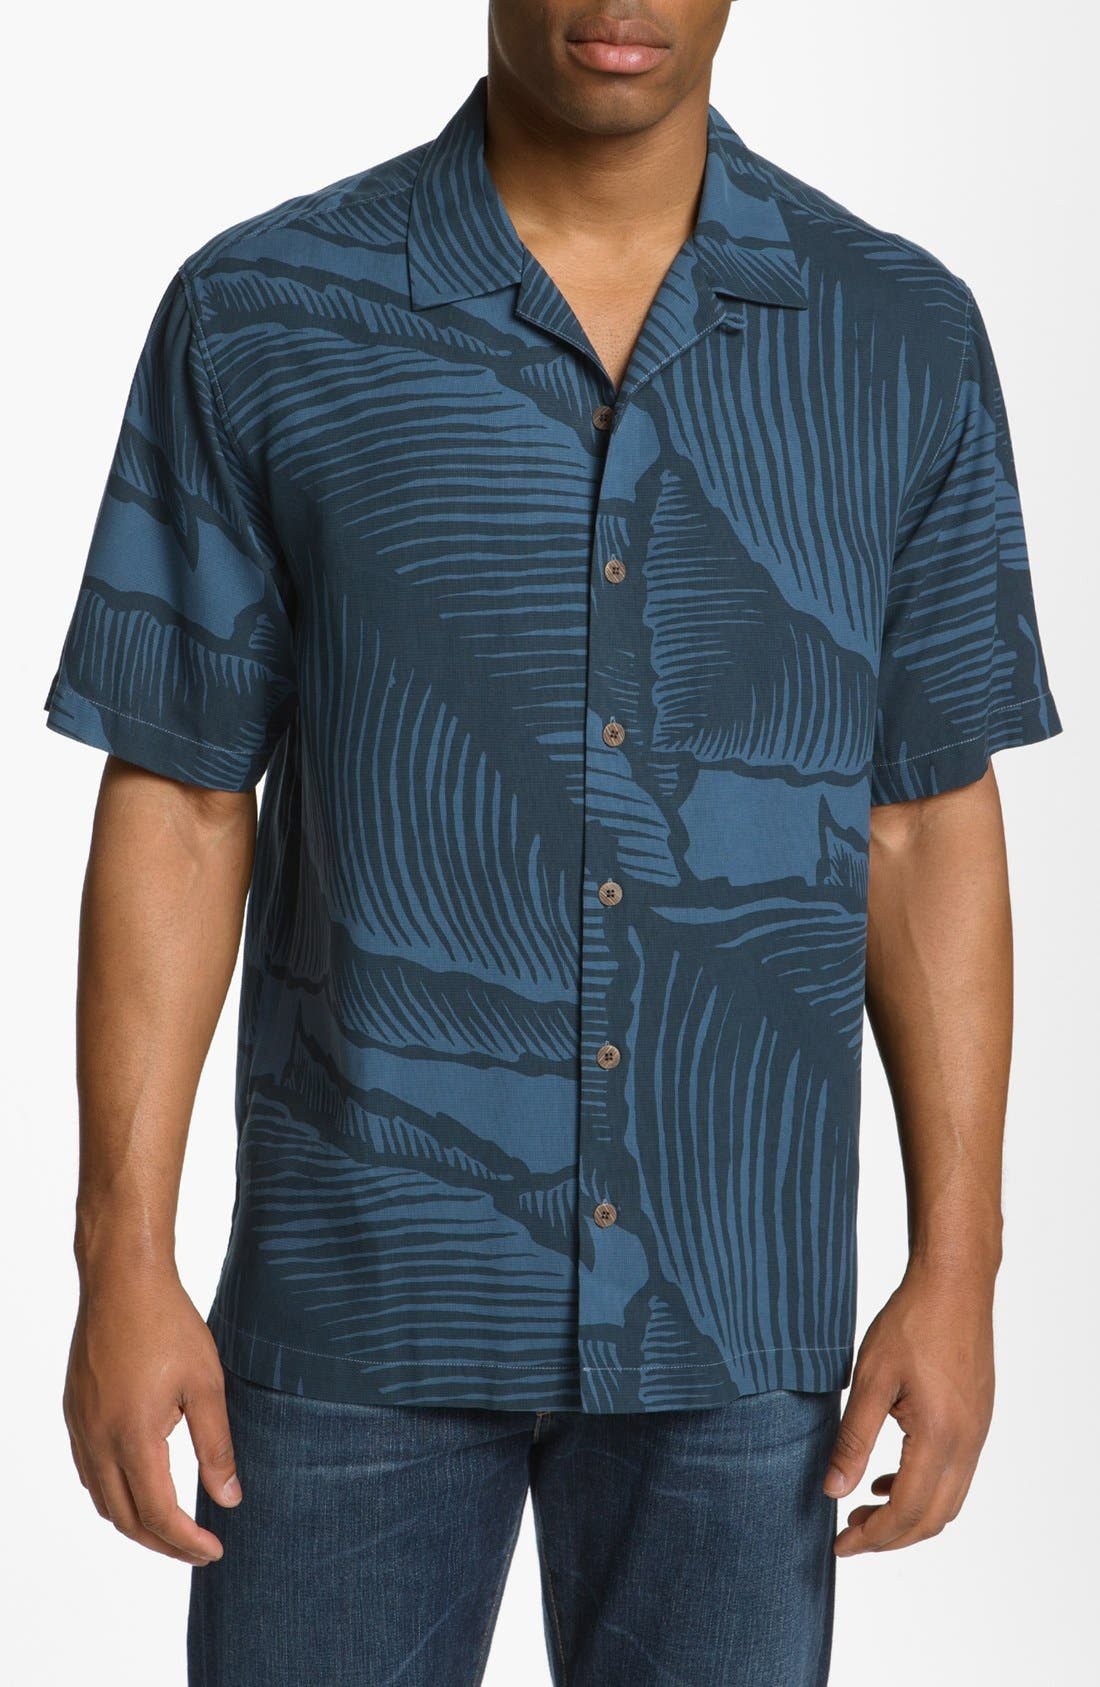 Main Image - Tommy Bahama 'Grand Frond' Campshirt (Big & Tall)